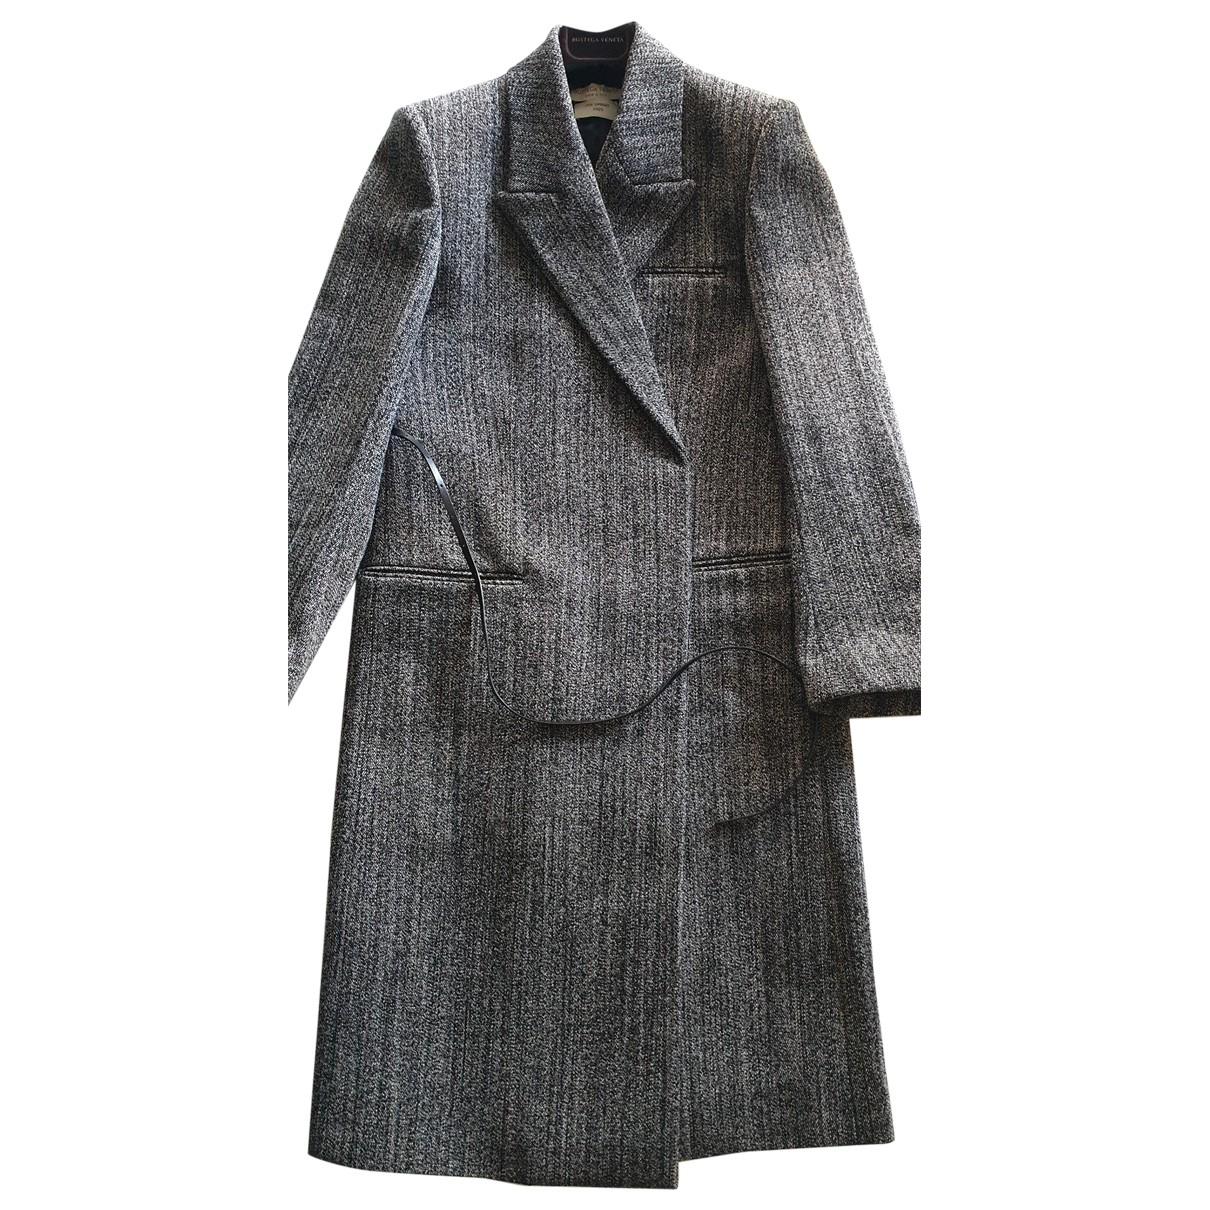 Bottega Veneta \N Black Wool coat for Women 34 FR